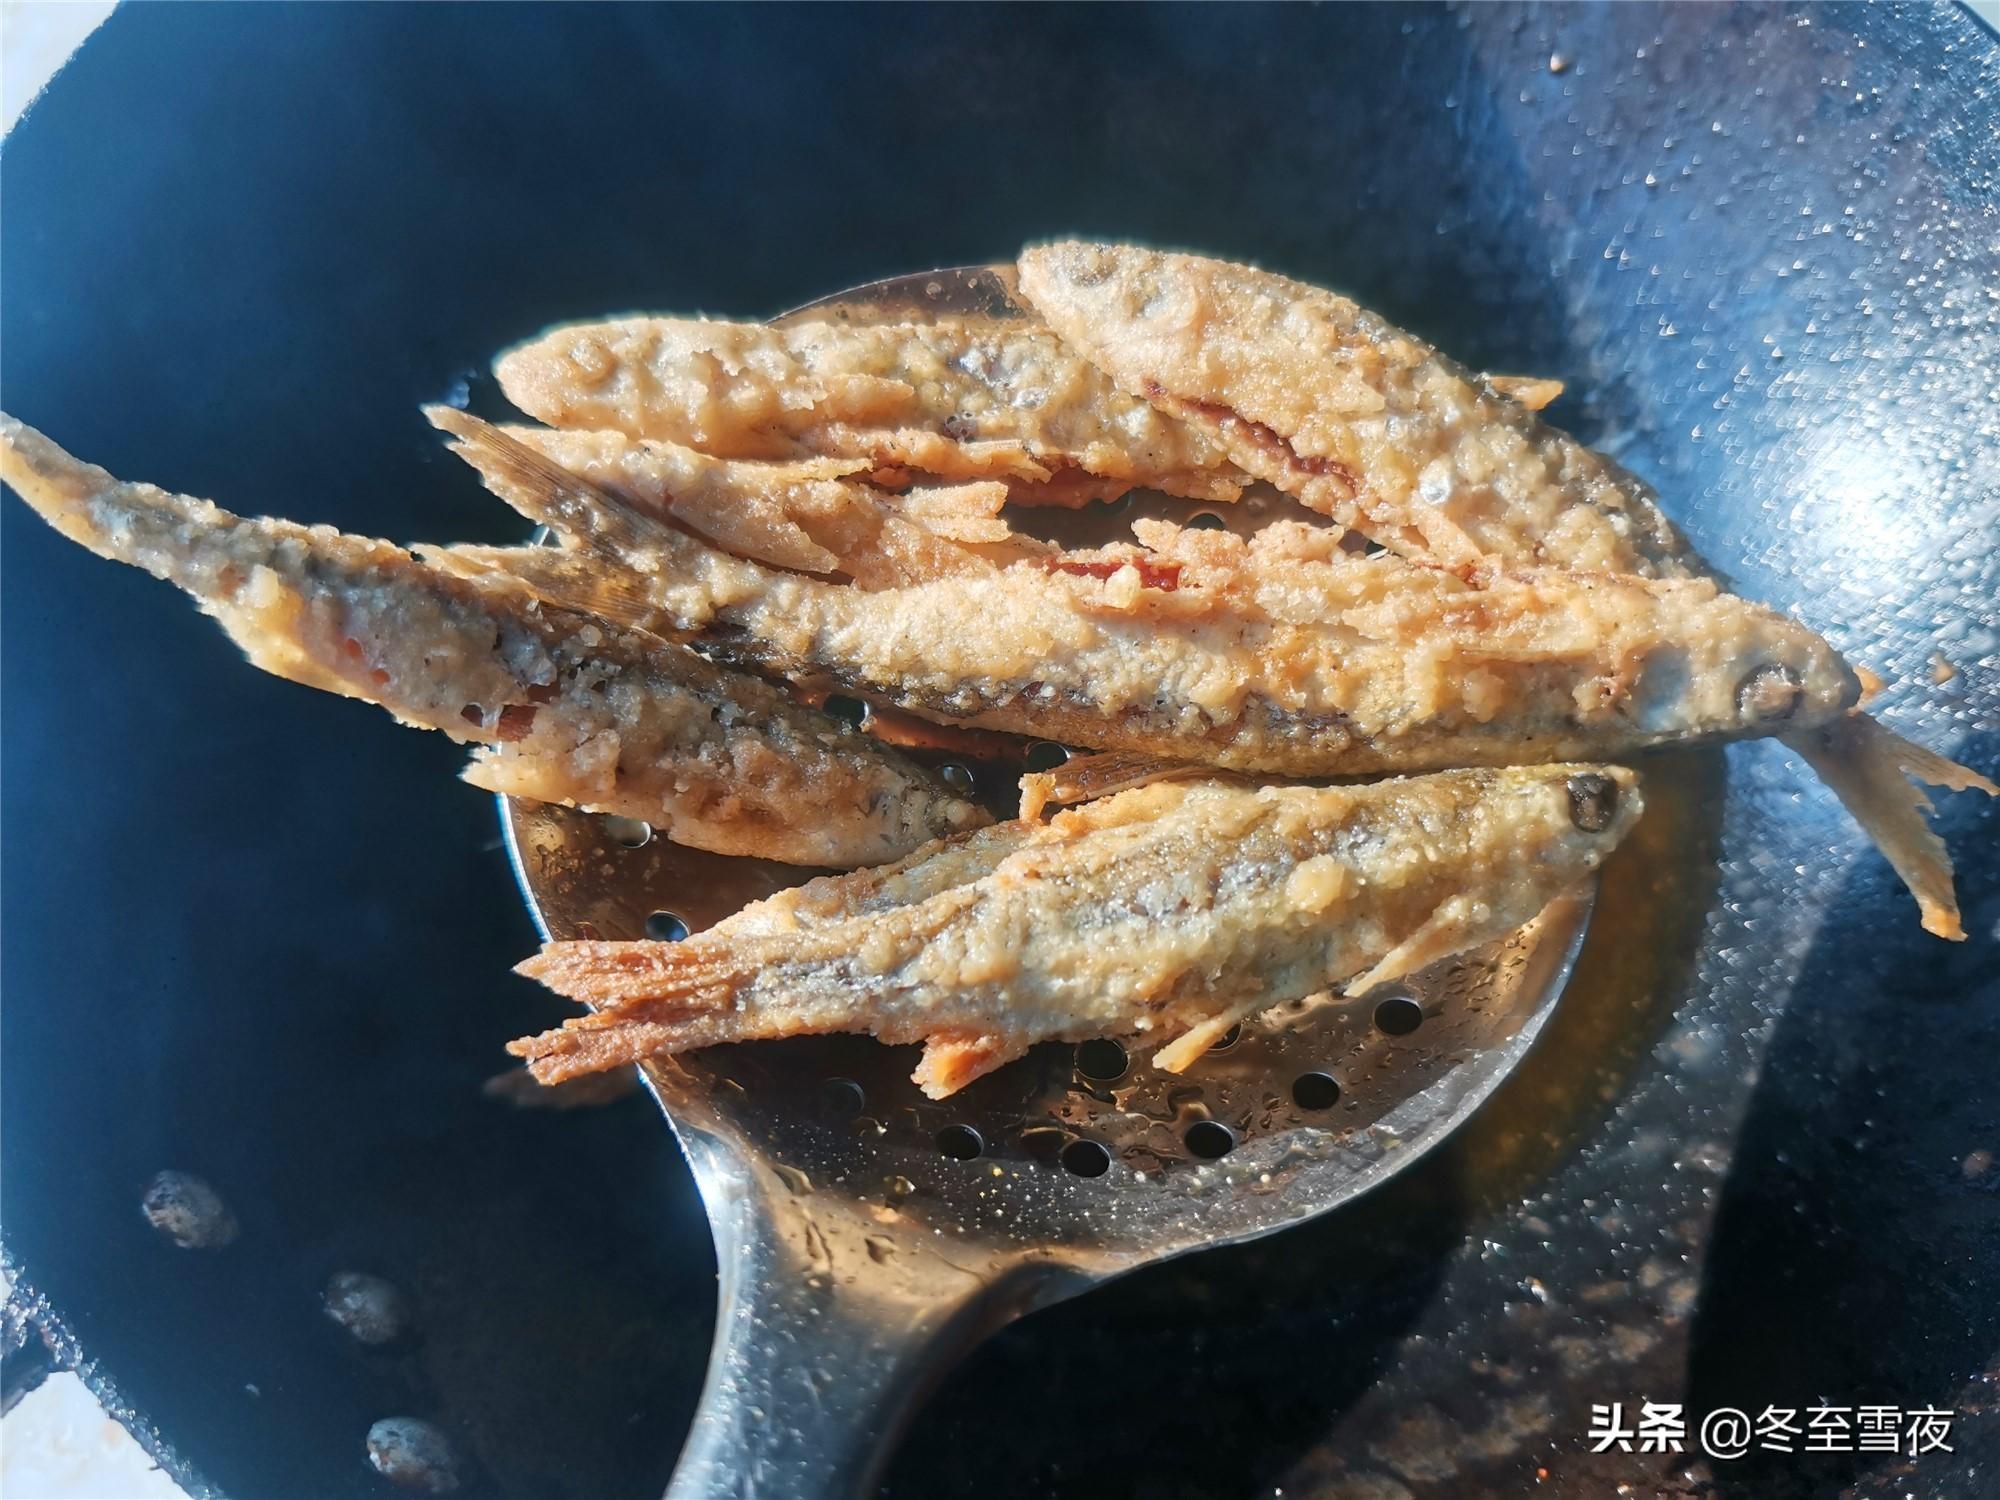 怎样把小河鱼炸得又香又酥,教你干炸的做法,金黄酥脆味道香 美食做法 第7张